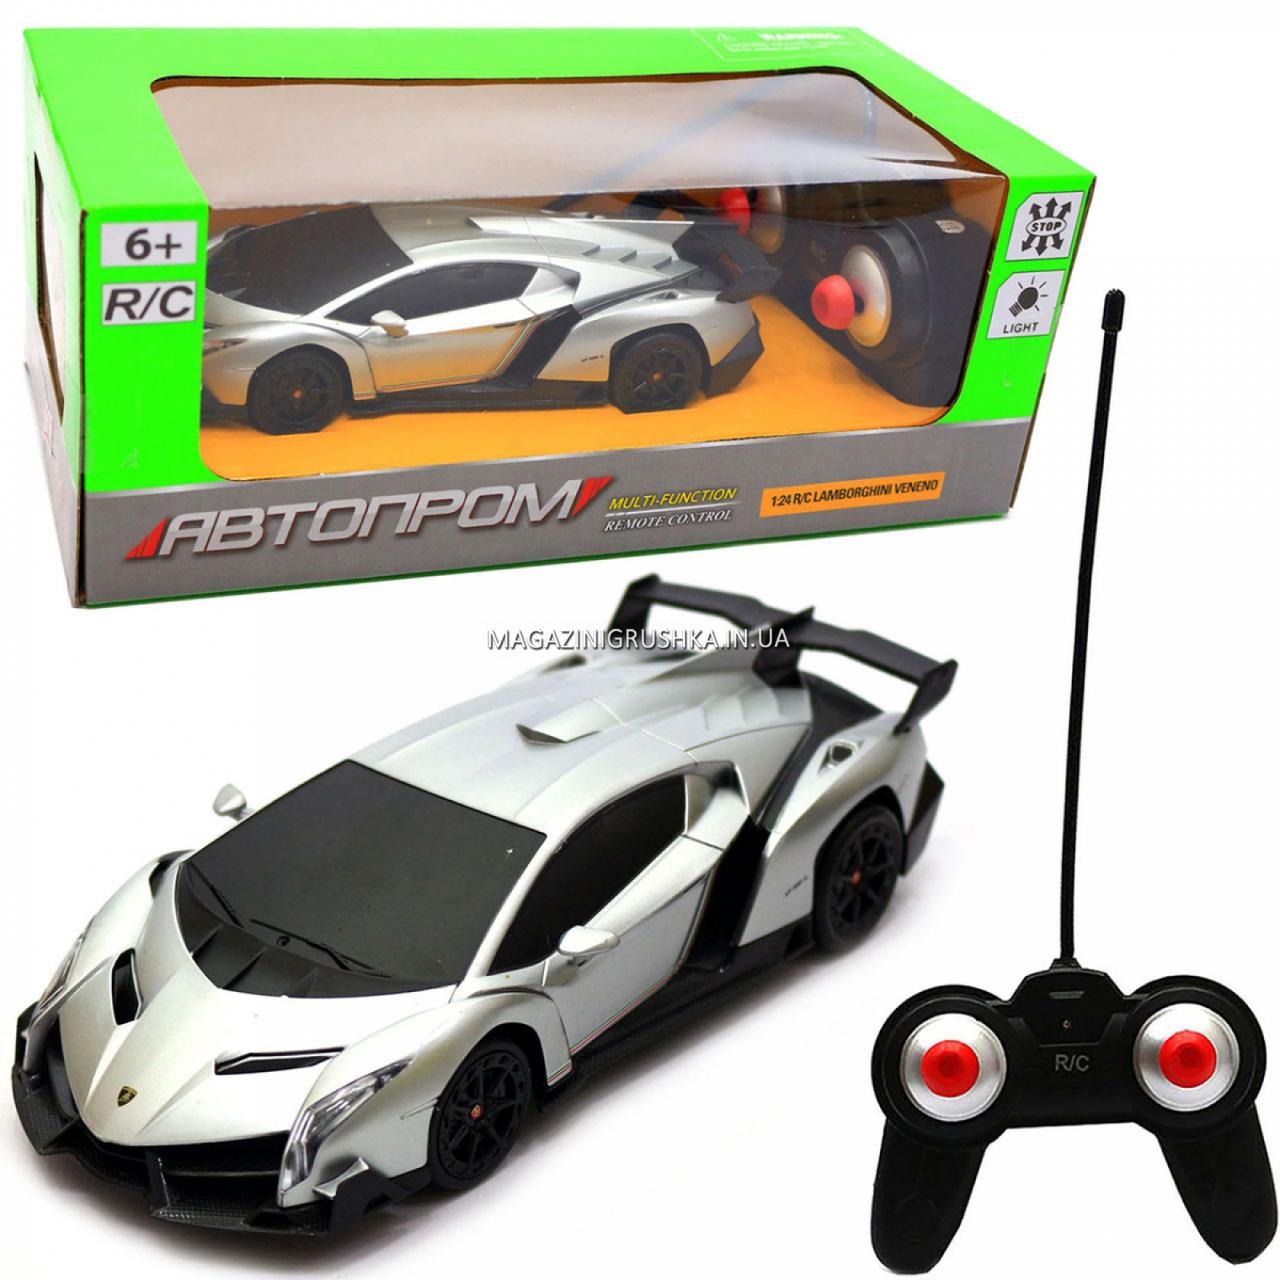 Машинка ігрова автопром на радіокеруванні Lamborghini veneno (ламборджині) (8808)